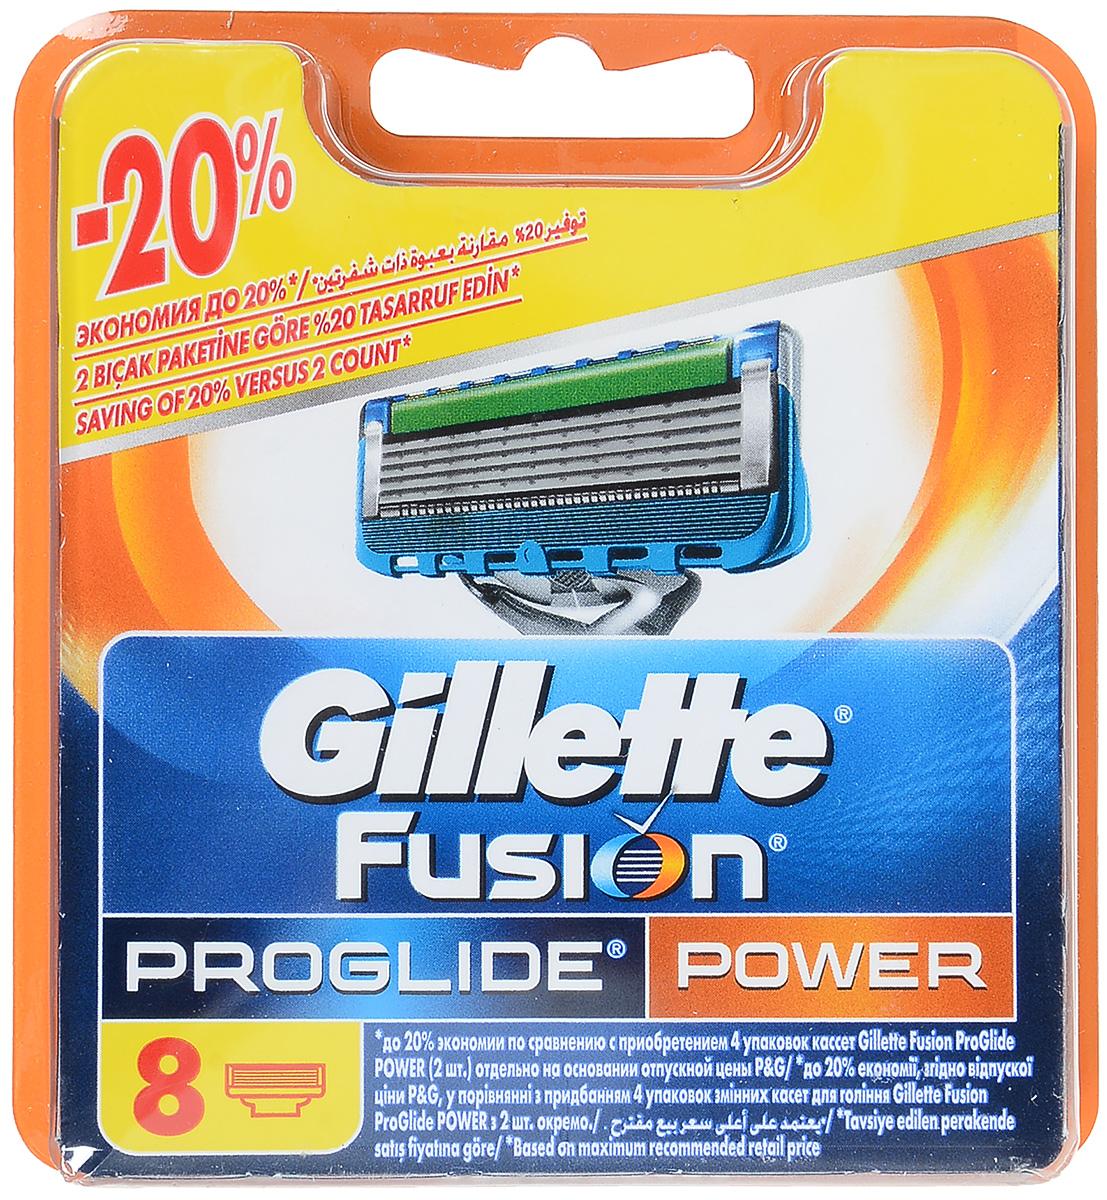 Gillette Сменные кассеты для бритья Fusion ProGlide Power, 8 штGIL-84854236Gillette - лучше для мужчины нет! Gillette Fusion ProGlide Power – это самая инновационная бритва от Gillette, которая обеспечивает действительно революционное скольжение и гладкость бритья. Новая бритва оснащена самыми тонкими лезвиями от Gillette со специальным покрытием, снижающим сопротивление. Для революционного скольжения и невероятной гладкости бритья, даже по сравнению с Fusion. Невооруженным глазом вы можете не заметить все последние инновации в НОВЫХ бритвах Gillette Fusion ProGlide и Gillette Fusion ProGlide Power, но после первого раза вы почувствуете, что бритье превратилось в скольжение. При покупке упаковки сменных кассет ProGlide или ProGlide Power из 8 шт. вы экономите до 20% по сравнению с покупкой четырех упаковок из 2 шт. (на основании отпускной цены Procter&Gamble). Самые тонкие лезвия от Gillette для революционного скольжения и гладкости бритья (первые лезвия в кассетах Fusion ProGlide тоньше, чем лезвия Fusion). ...